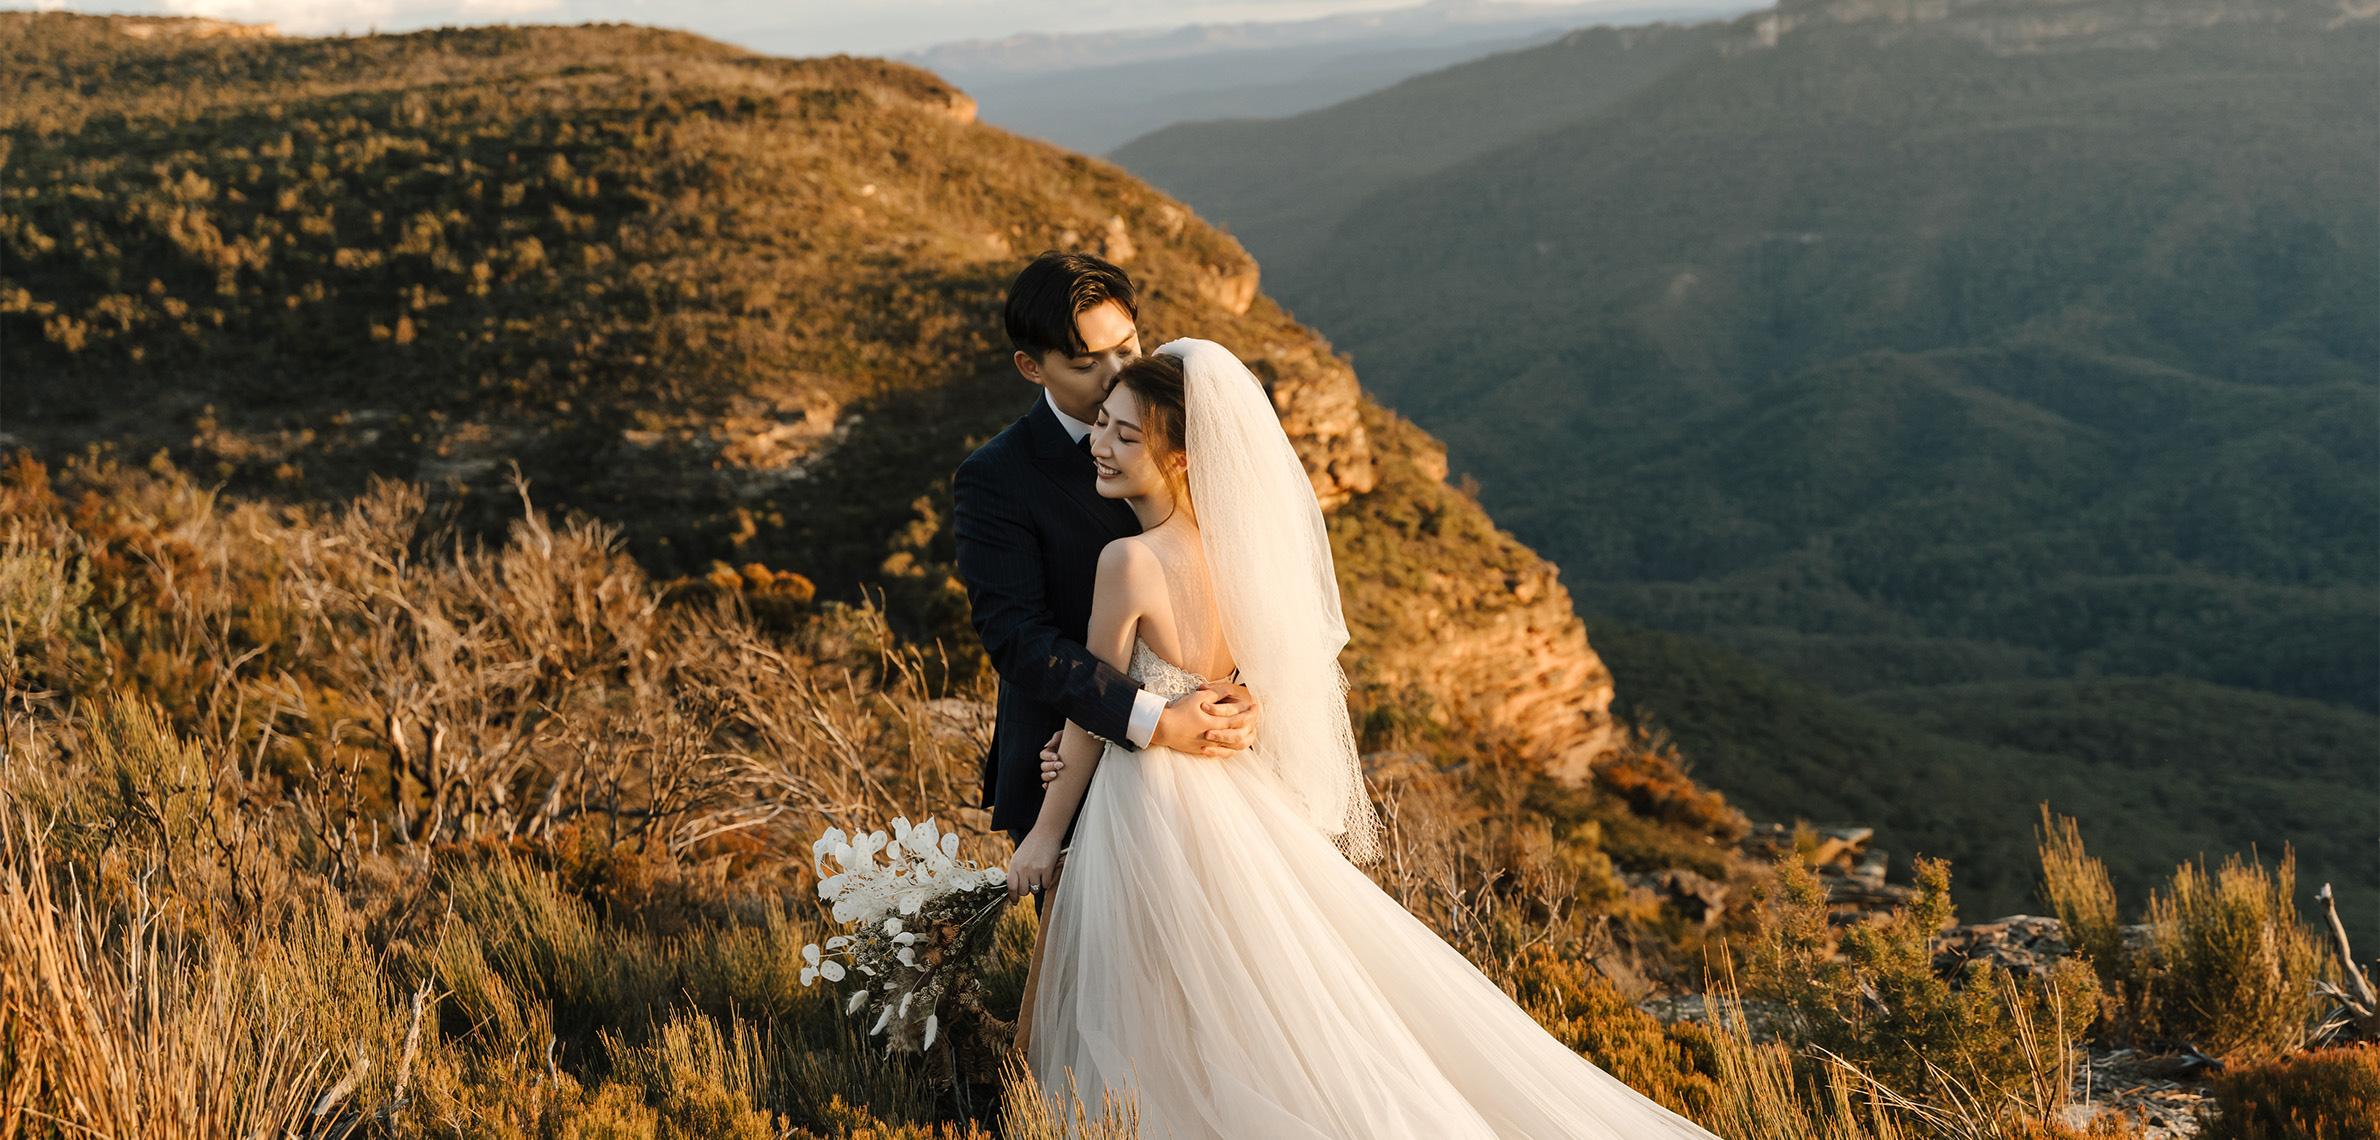 悉尼婚纱照,悉尼婚纱旅拍,澳大利亞婚紗攝影,悉尼婚紗攝影,澳大利亚婚纱旅拍